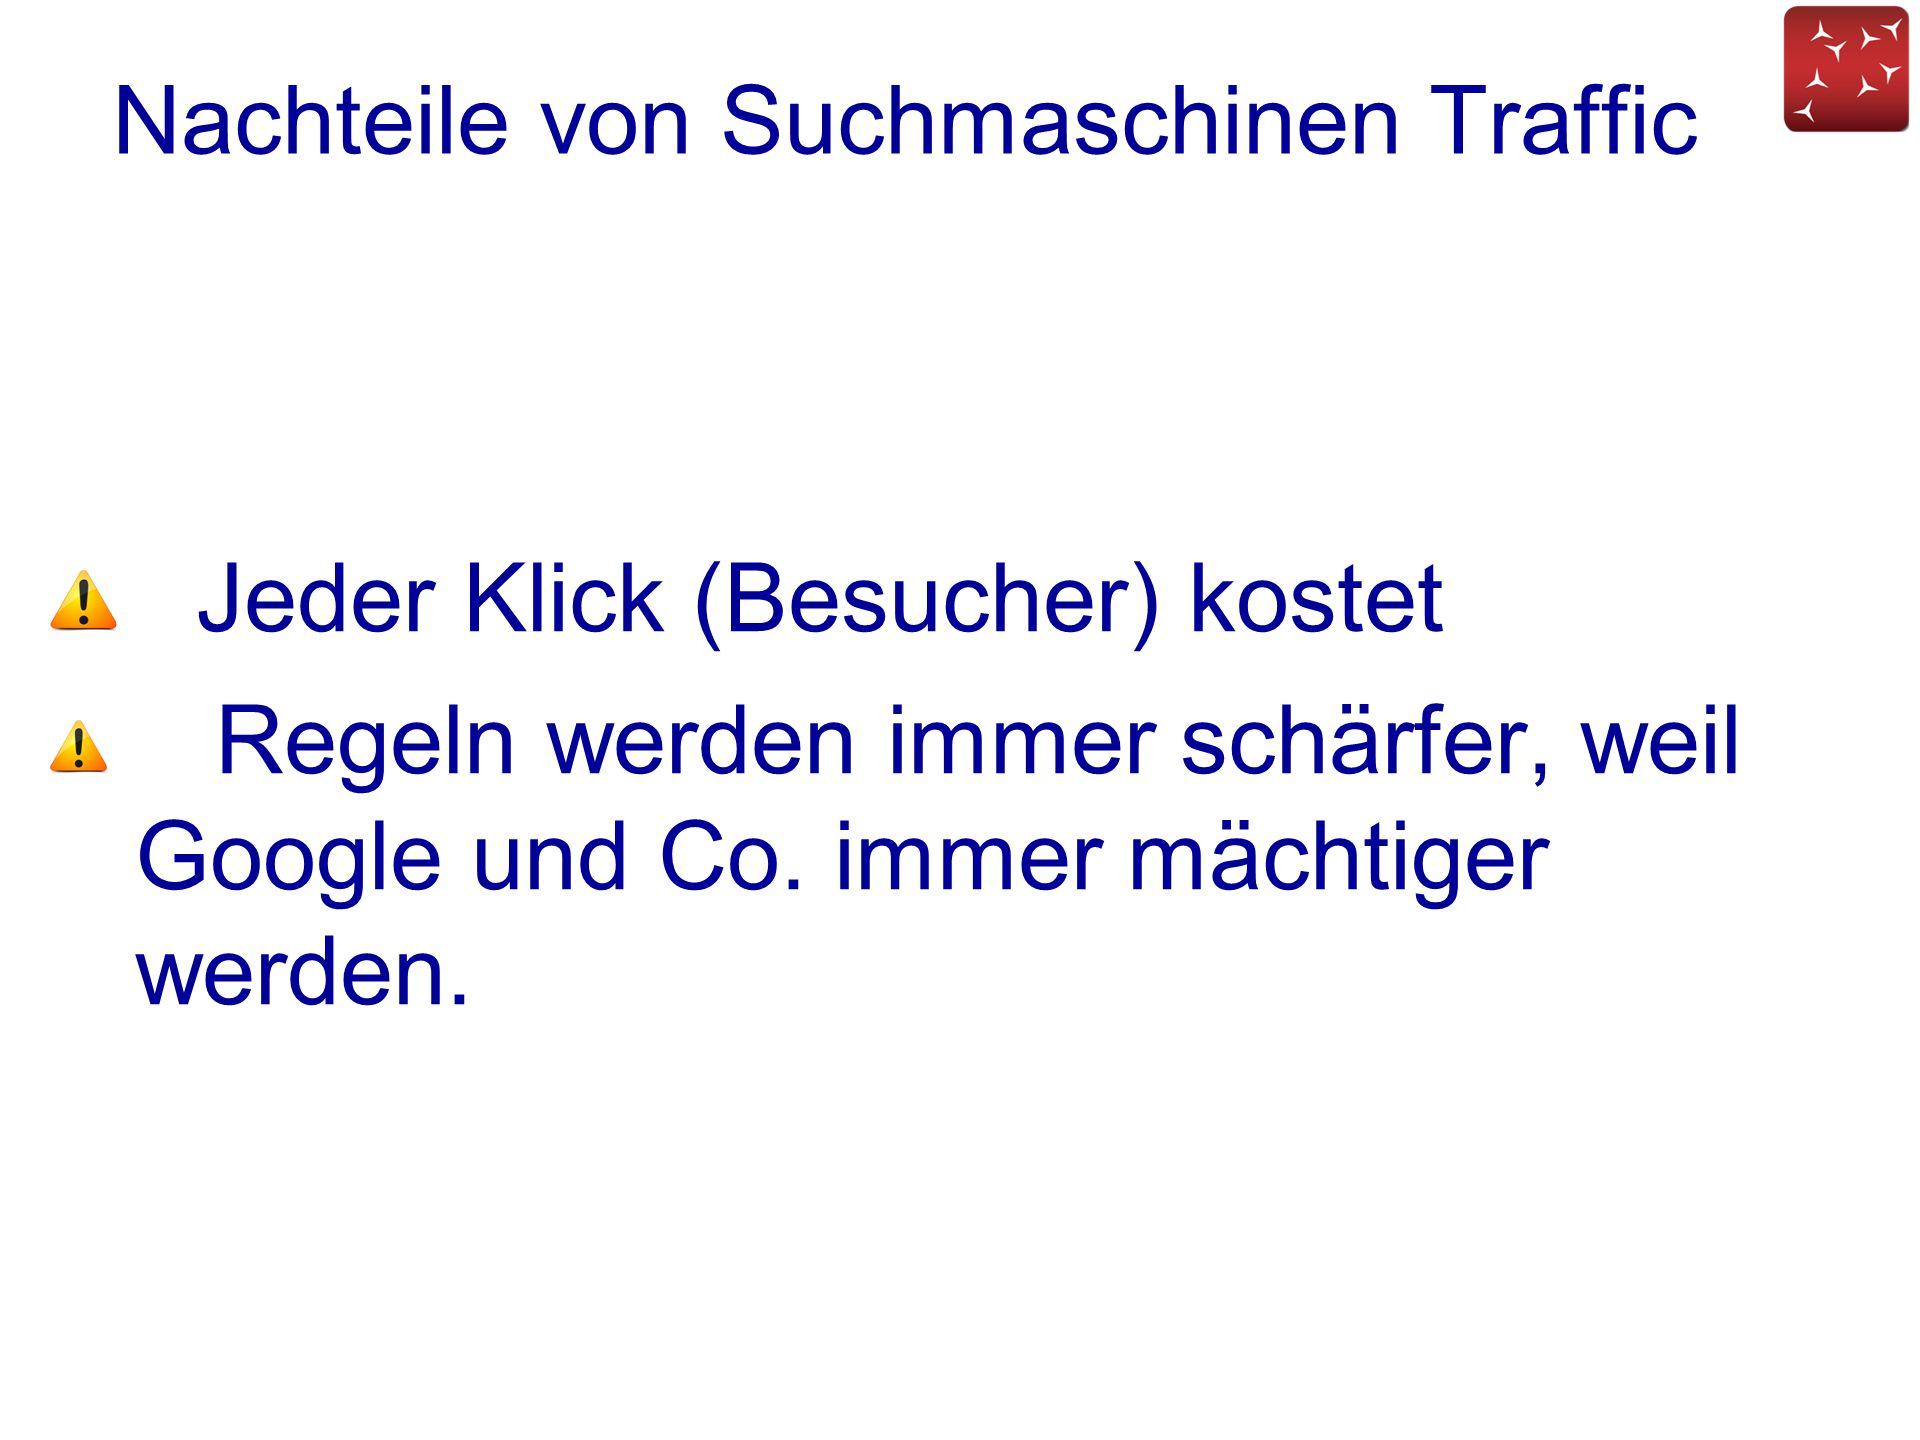 Jeder Klick (Besucher) kostet Regeln werden immer schärfer, weil Google und Co. immer mächtiger werden. Nachteile von Suchmaschinen Traffic